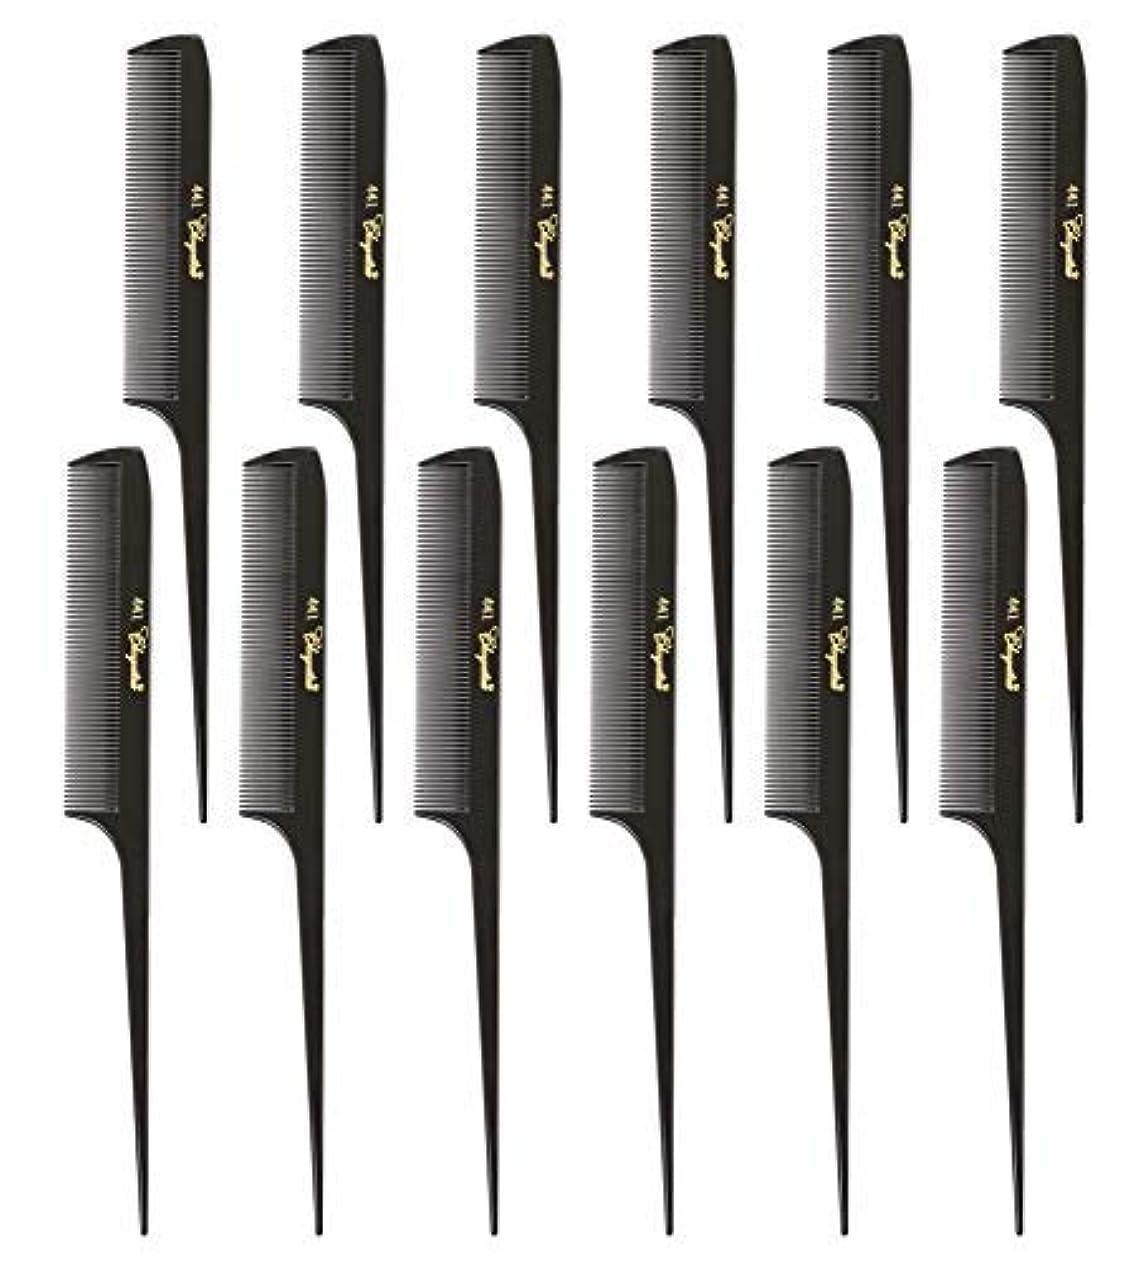 シネマいつでもリハーサルKrest Cleopatra 8-1/2 inch Rattail Combs Extra Fine Tooth. Rat Tail Model #441 Dark Brown. 1 Dozen [並行輸入品]